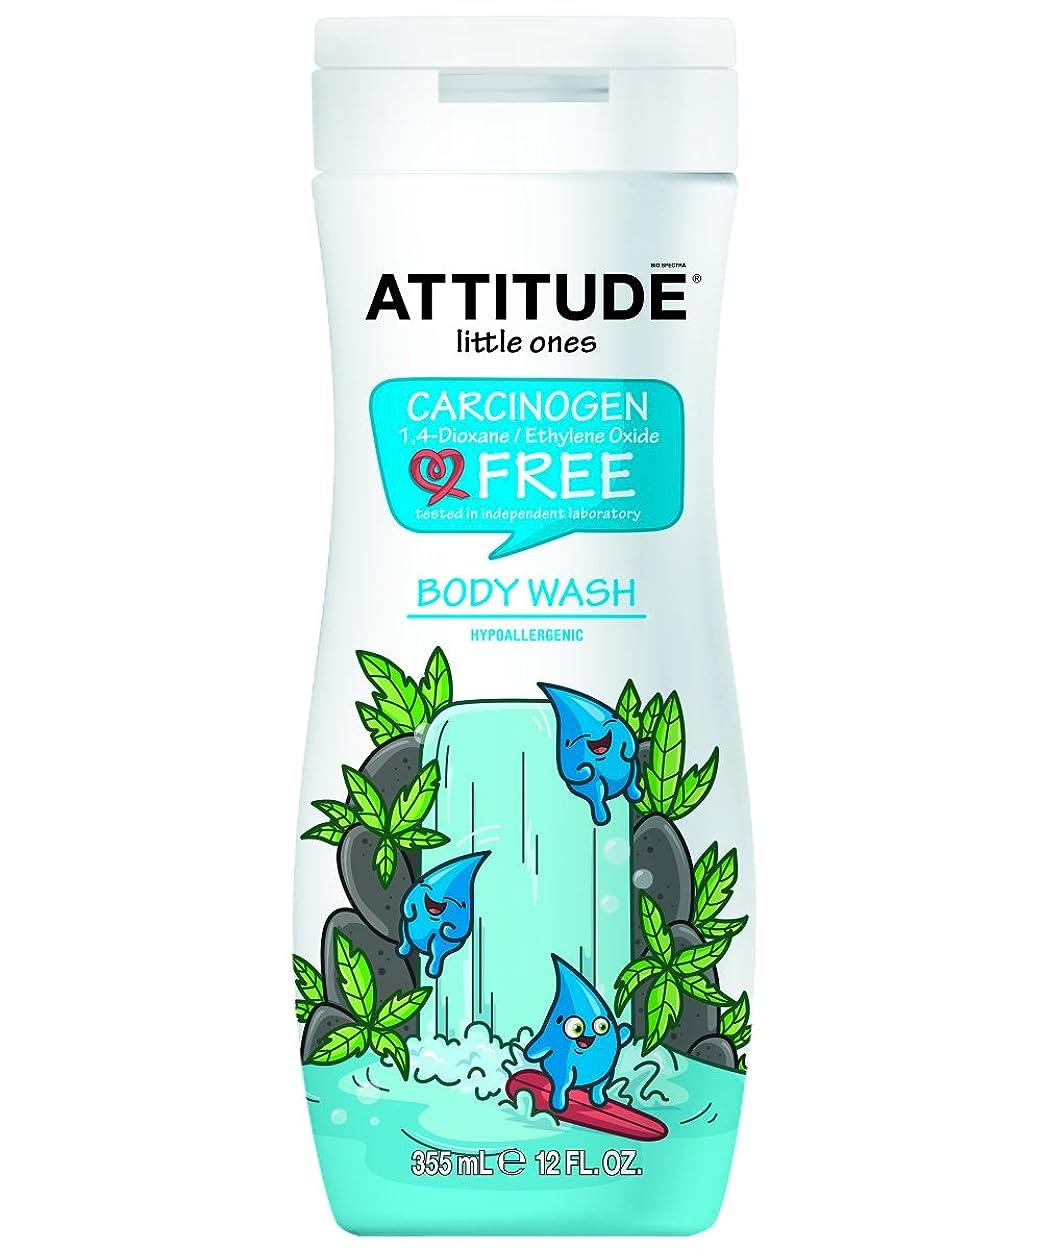 効率的導入する共和国Attitude Eco Kids Hypoallergenic Body Wash (355ml) 姿勢エコキッズ低刺激性ボディウォッシュ( 355ミリリットル)